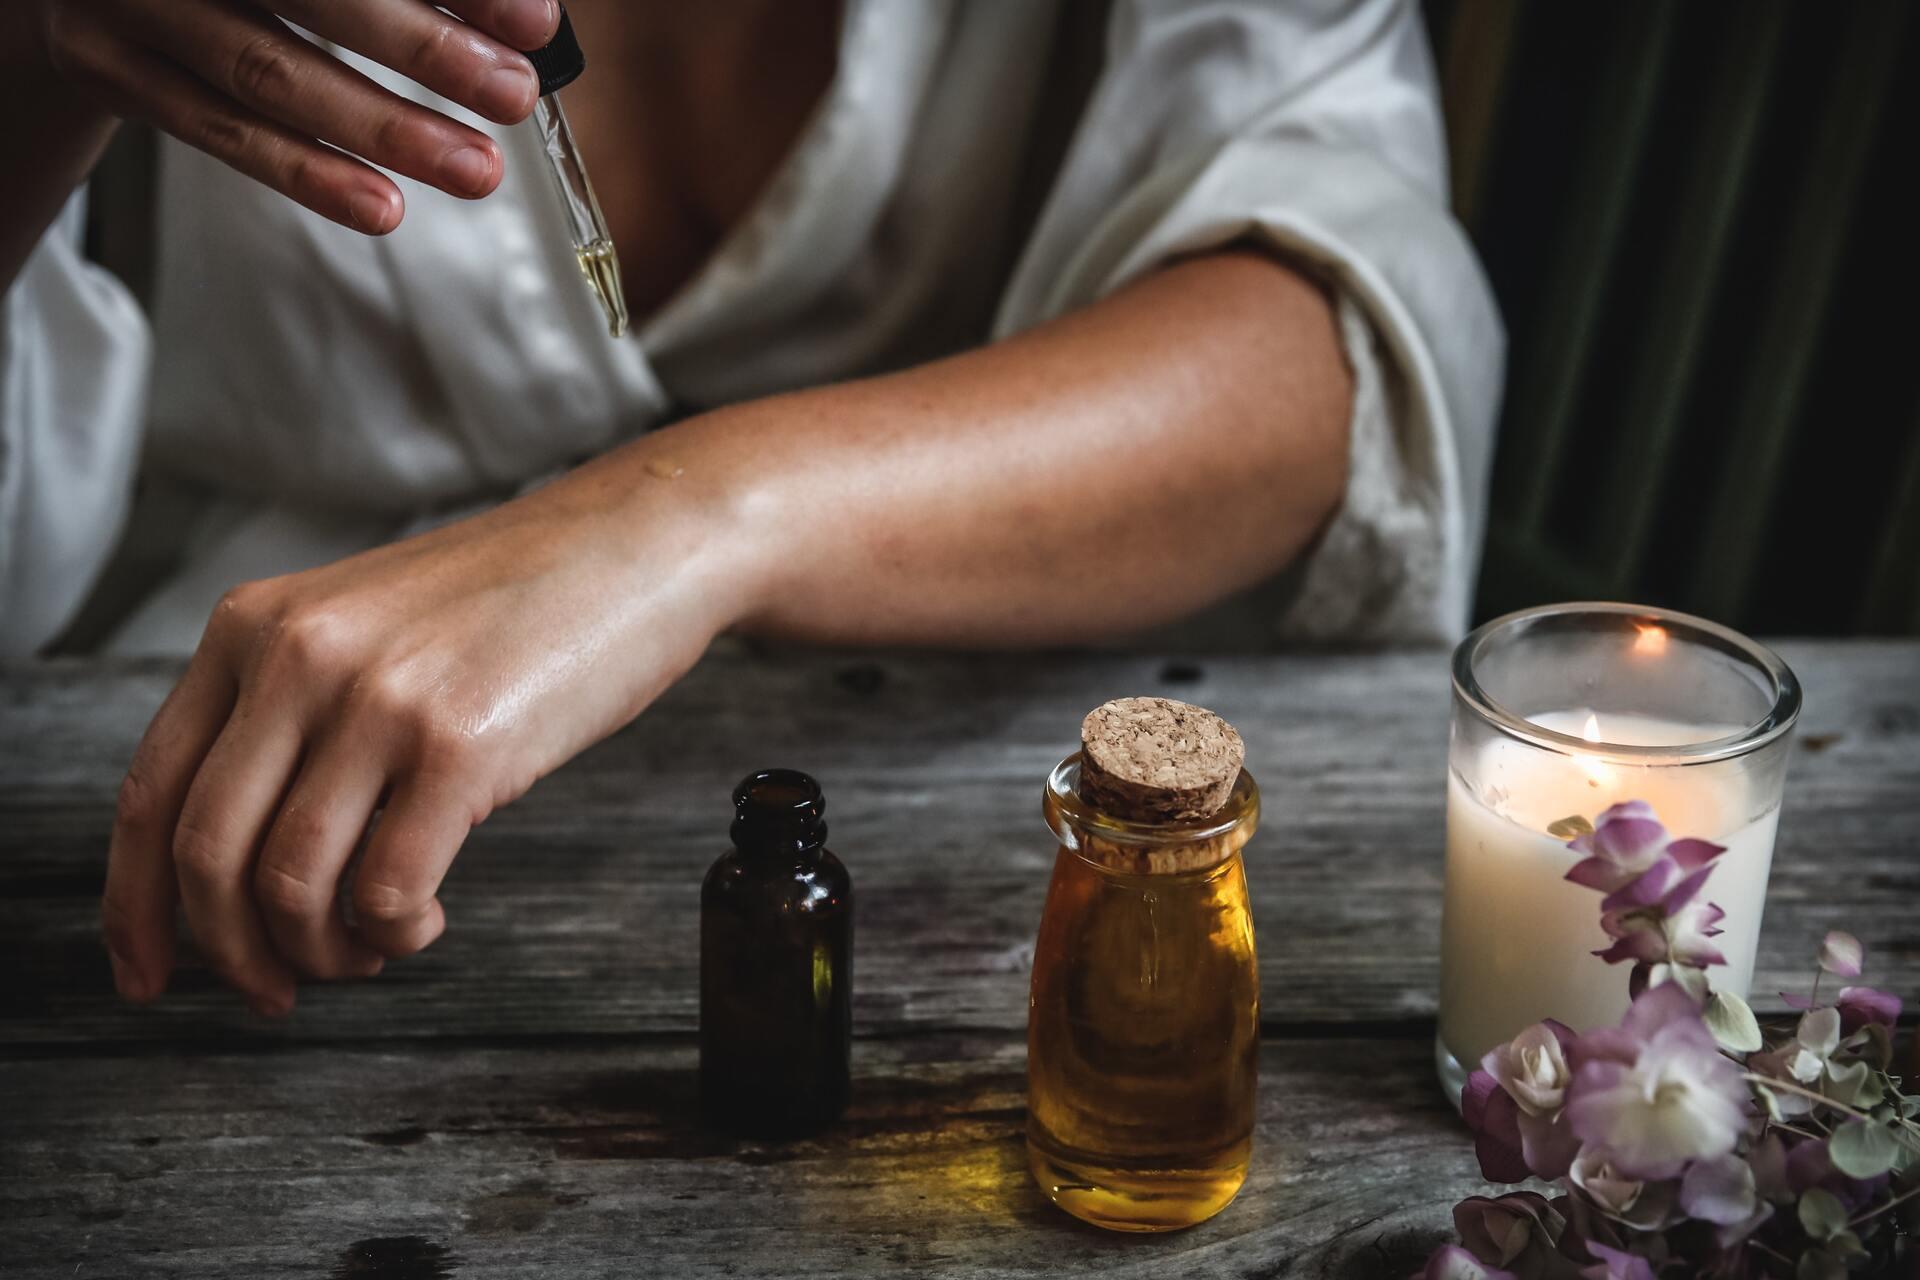 Один из самых простых способов расслабиться и позаботиться о себе - визит в салоны массажа